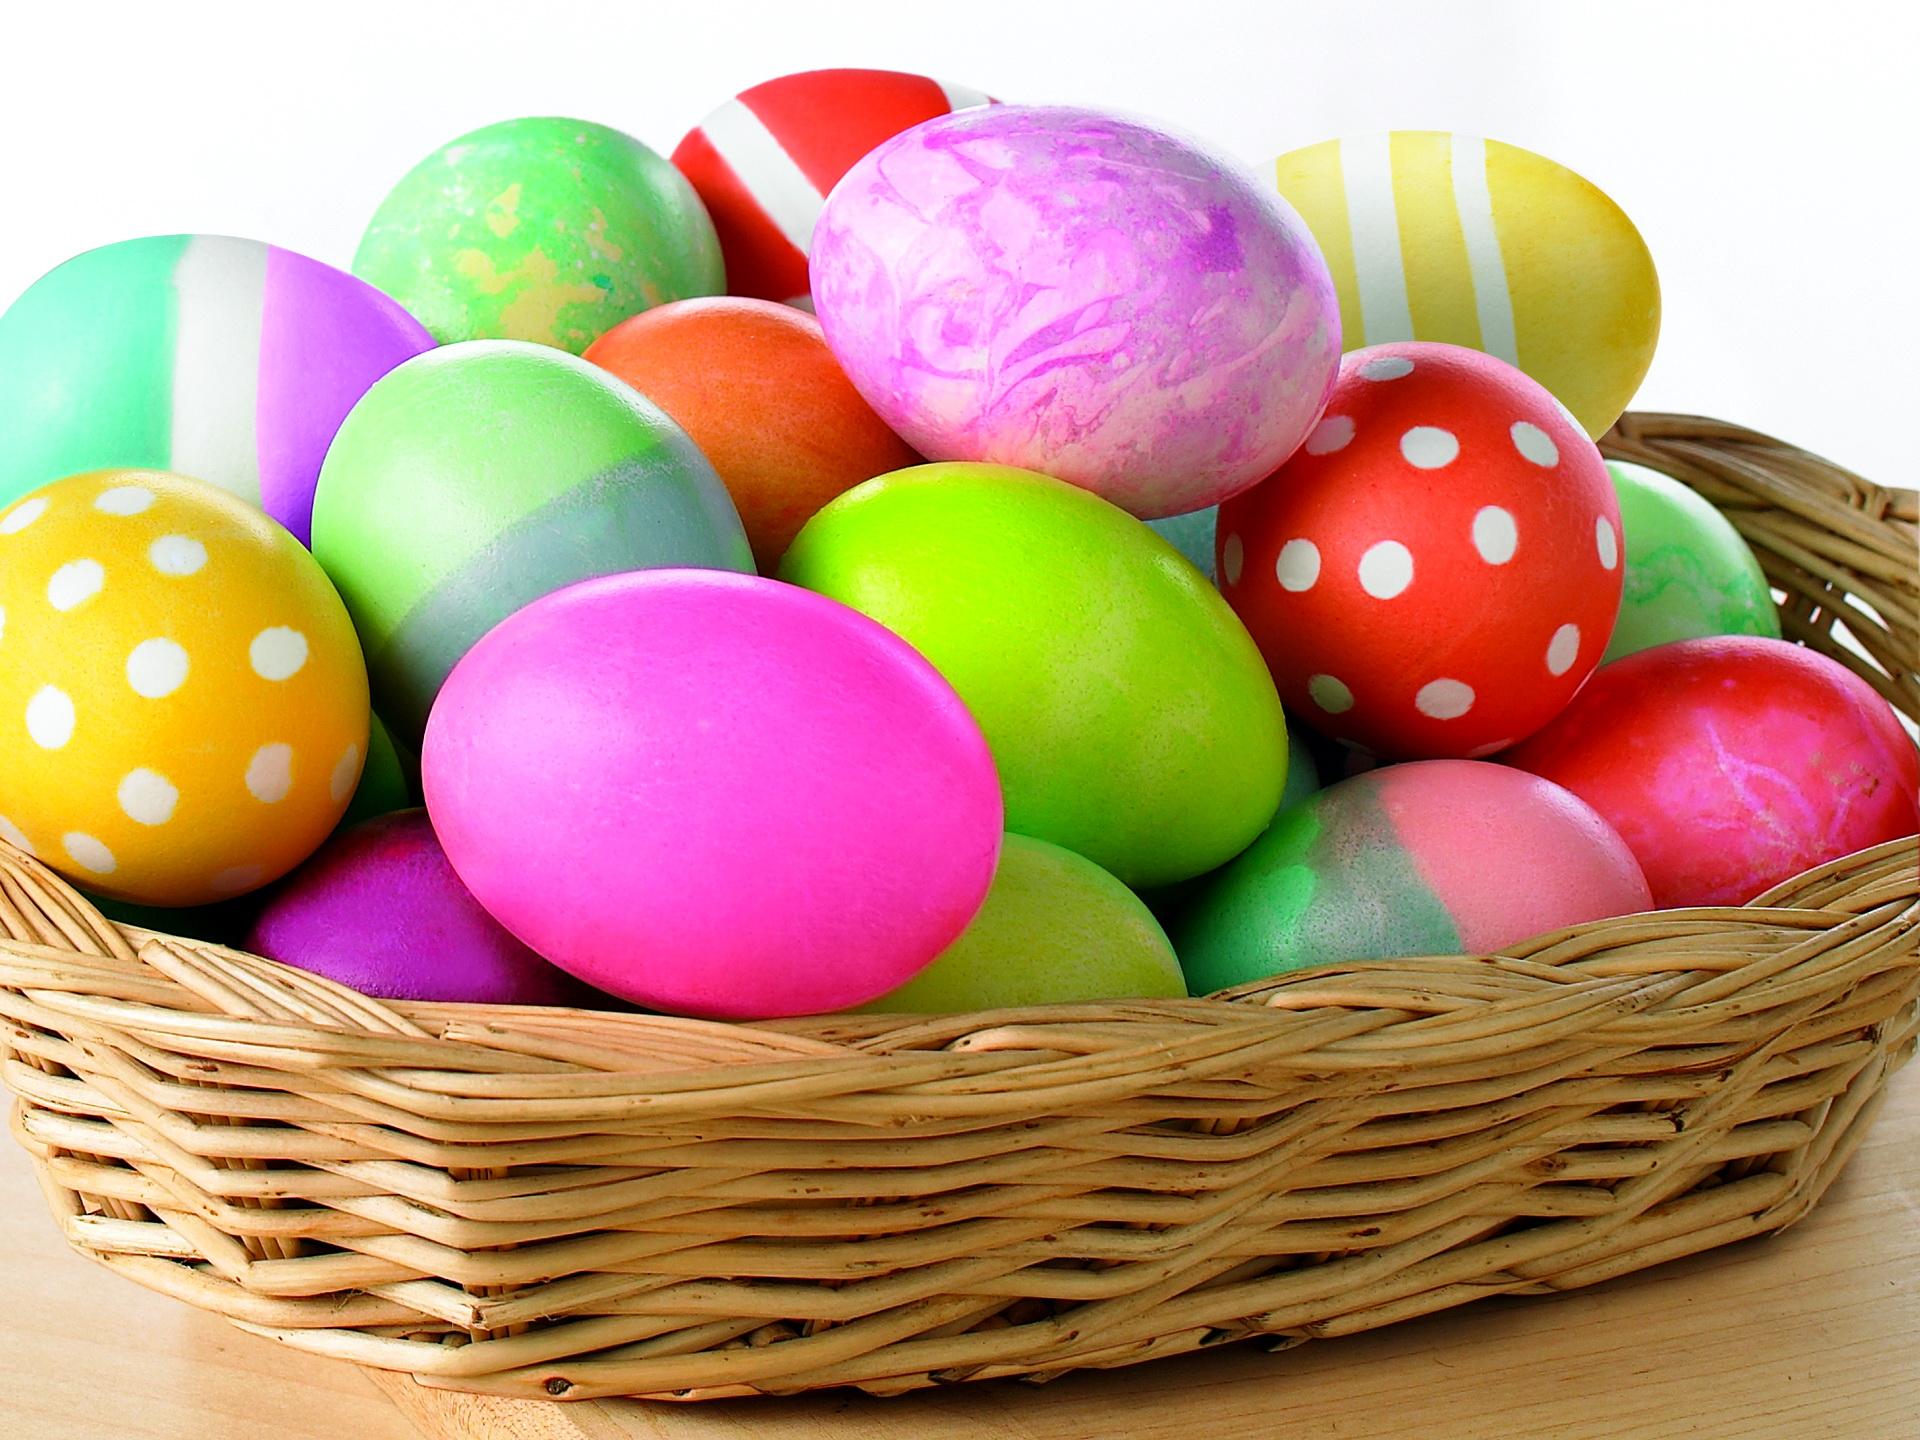 newspaper basket 3 Wonderful DIY Easter Egg Basket From Newspaper